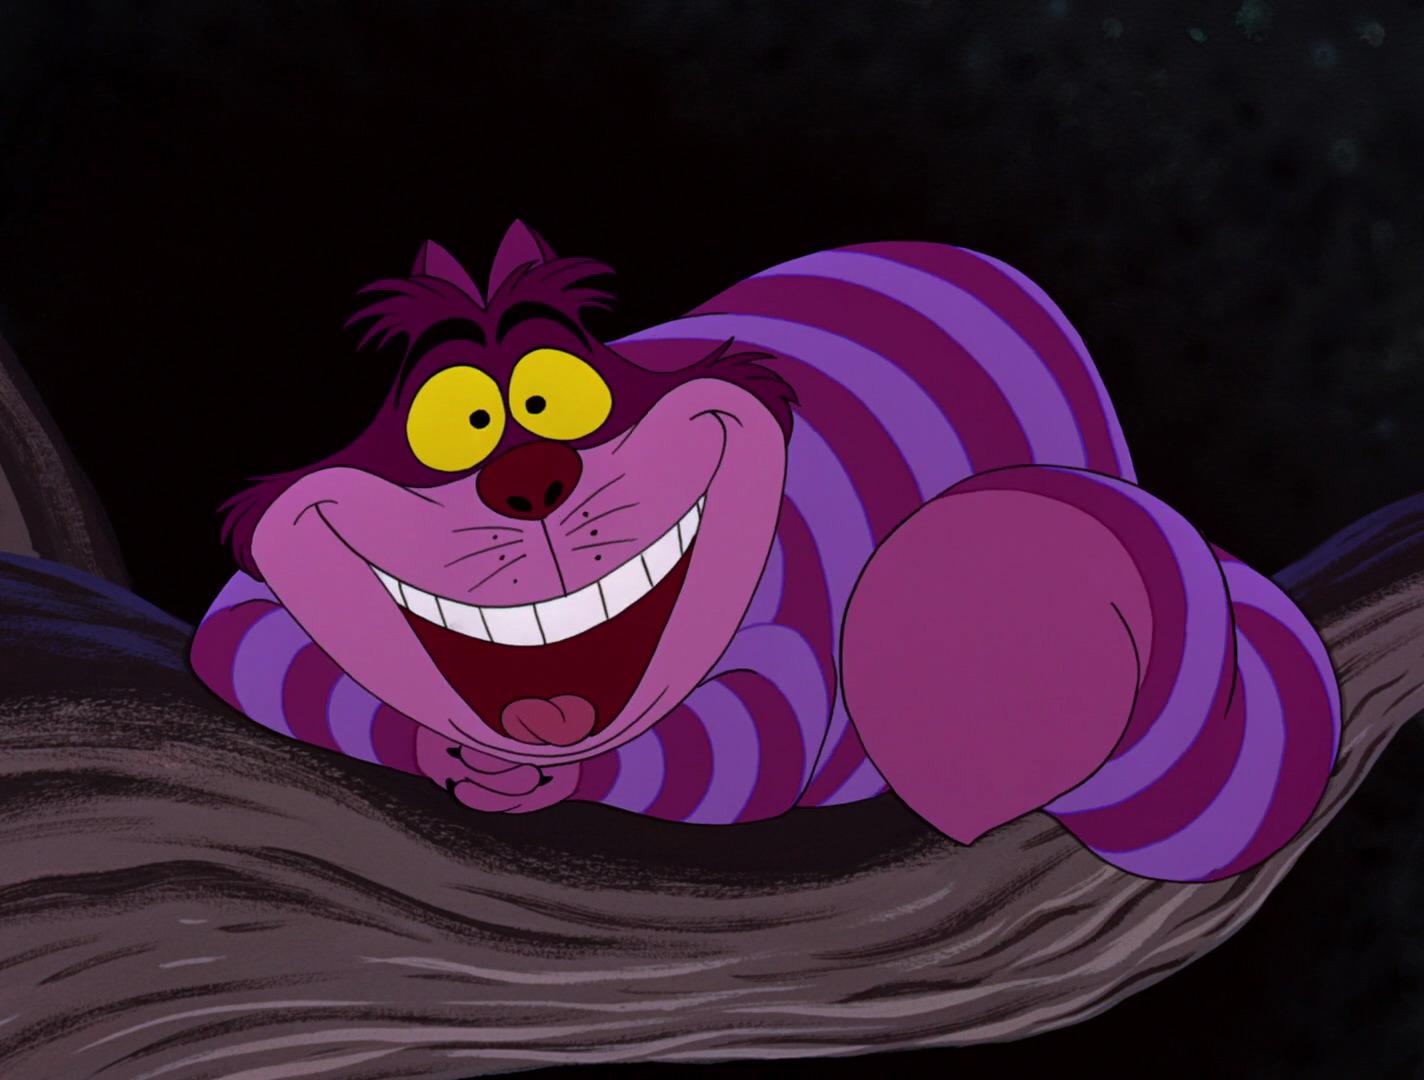 Cheshire-cat-4.jpg